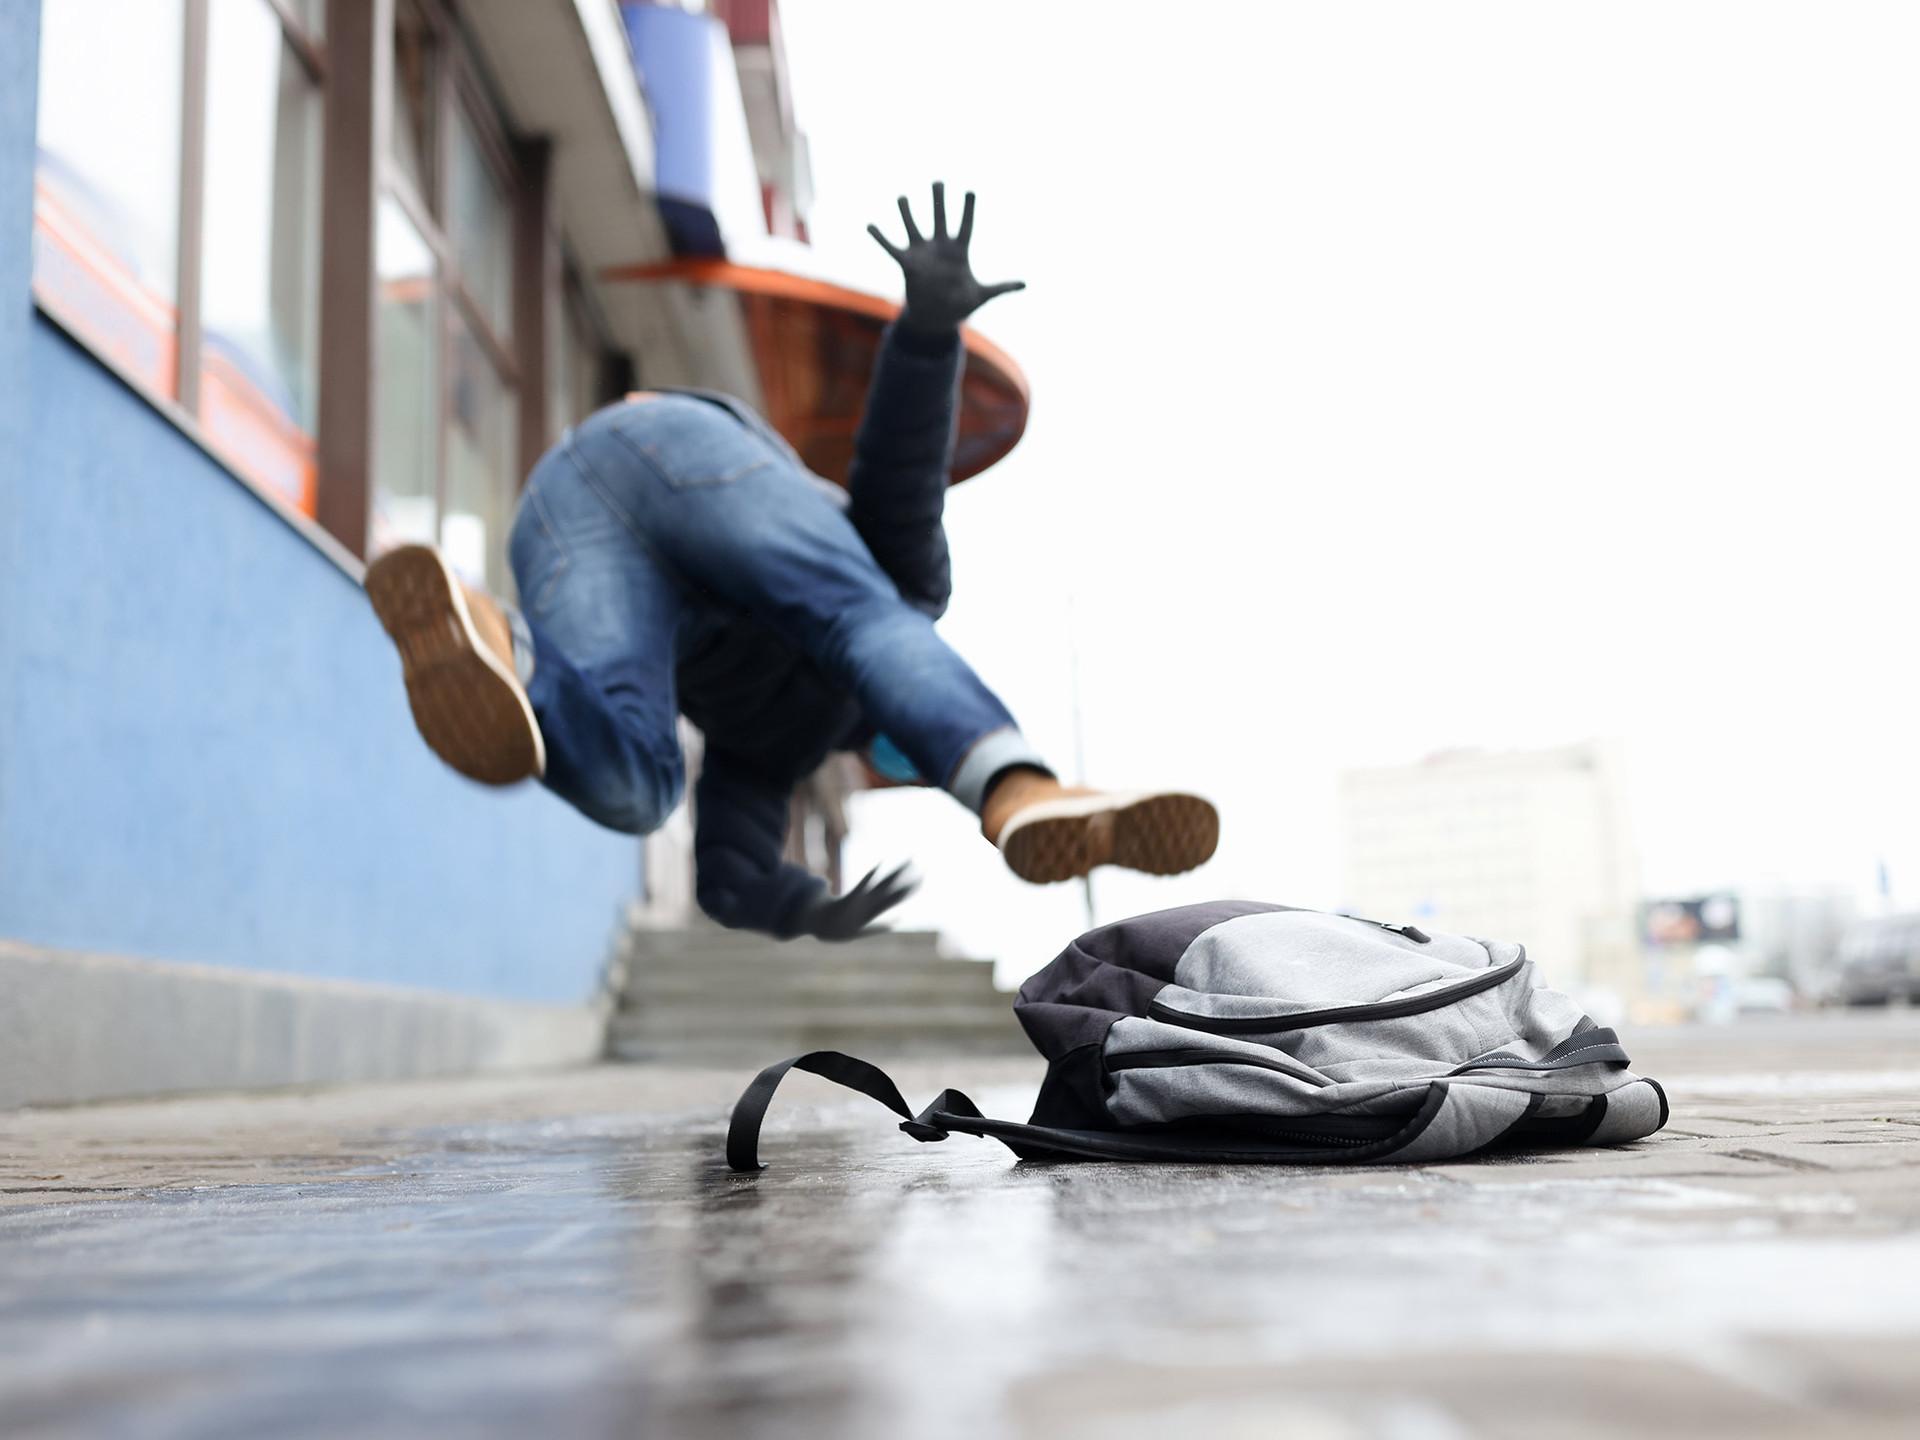 man tripping on the sidewalk